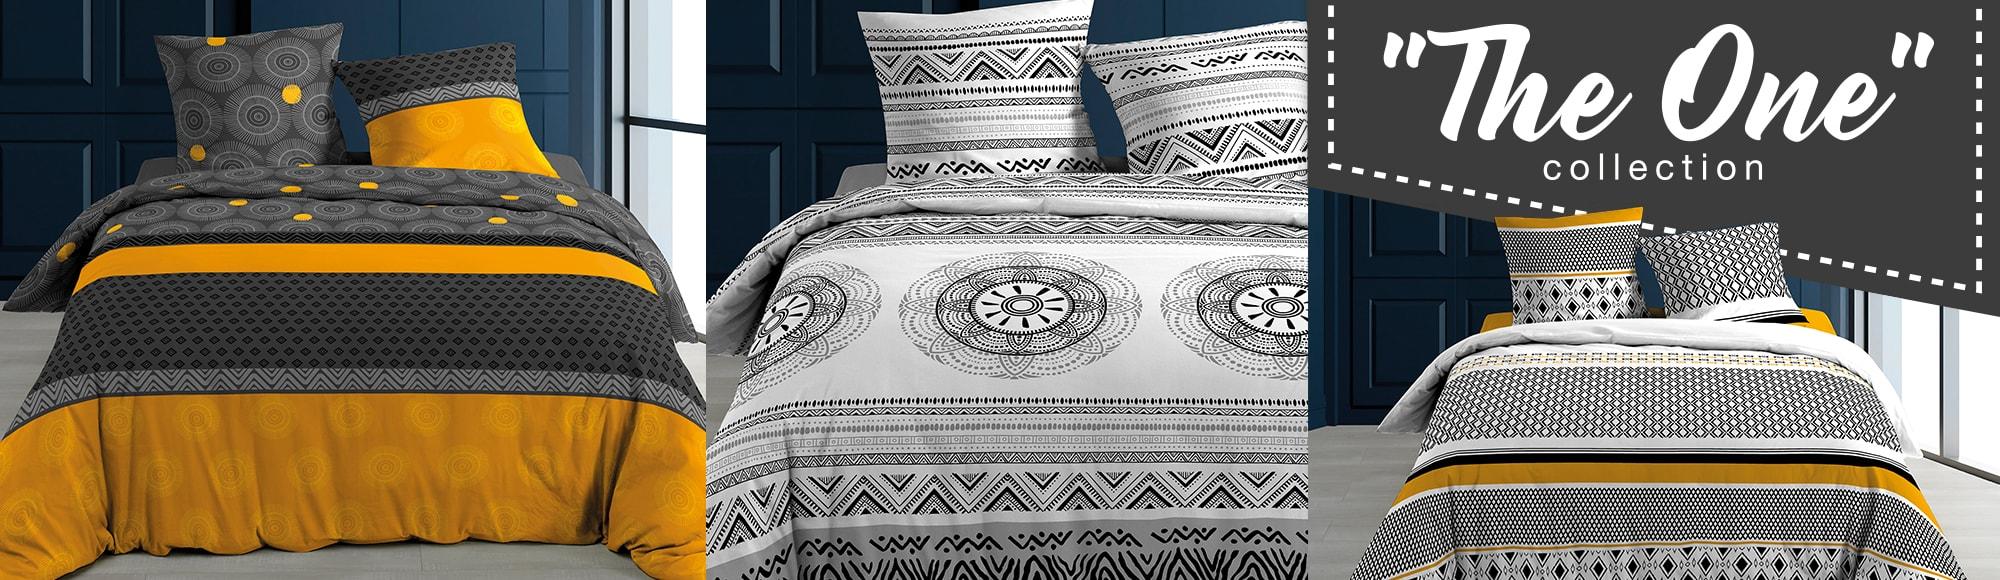 U10 - Fournisseur en décoration d'intérieur - marque douceur d'interieur - linge de lit - 57 fils - the one collection